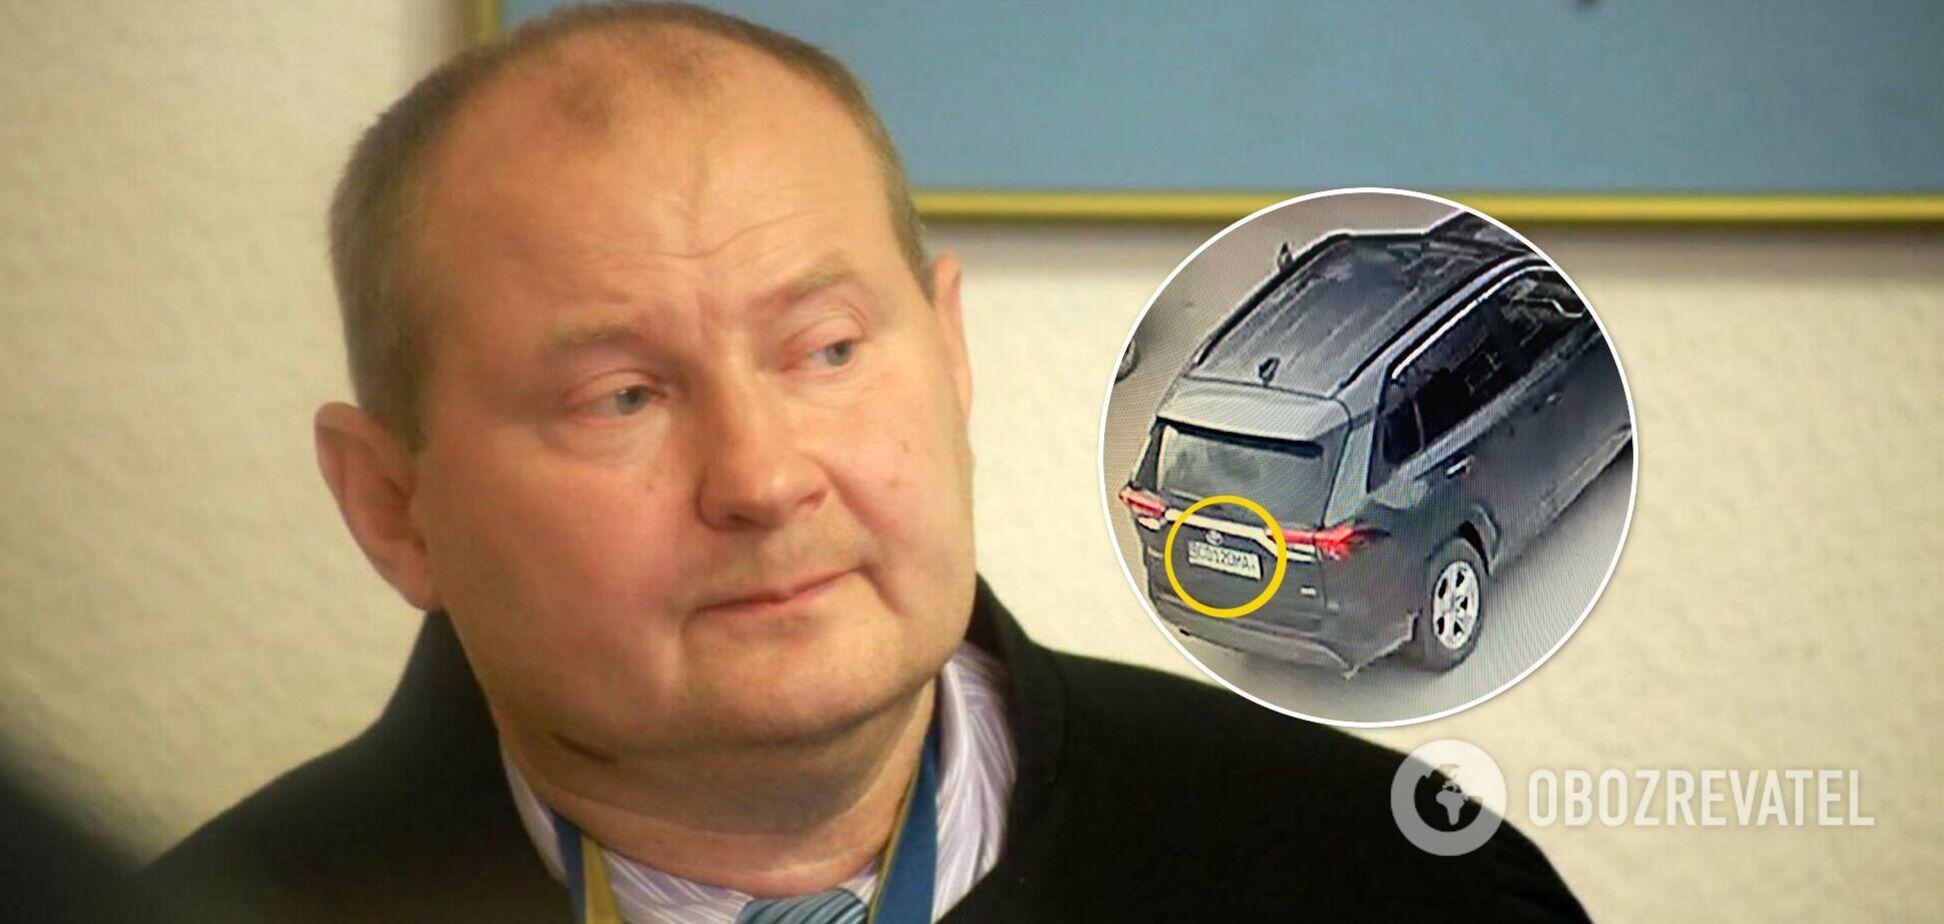 Появились новые подробности о 'похитителях' судьи Чауса из Молдовы